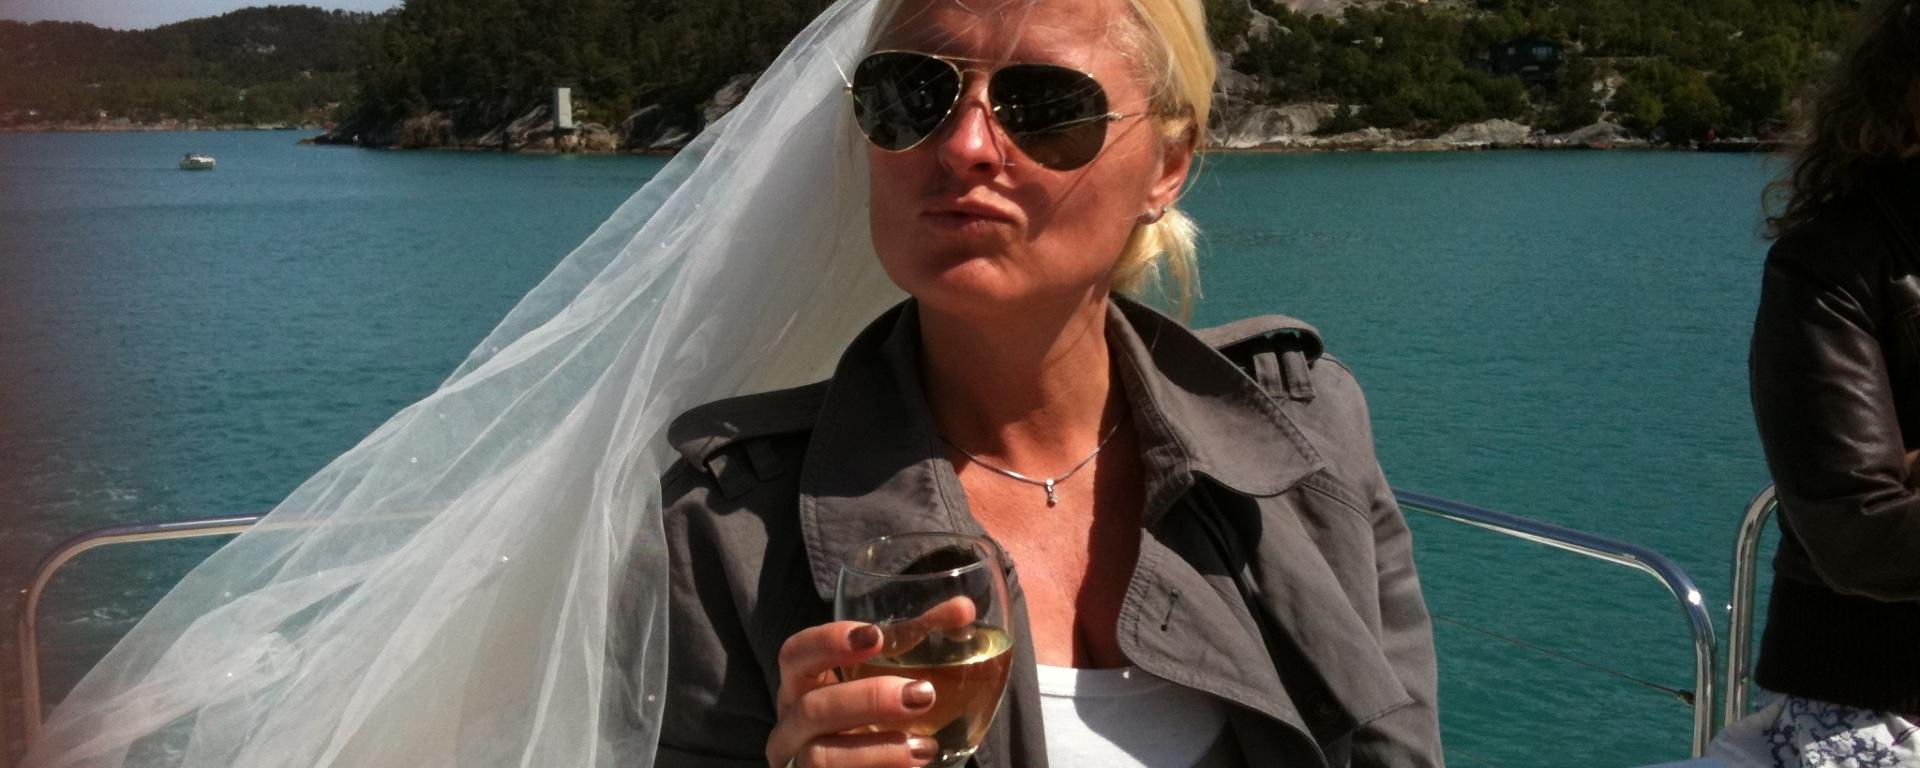 Husmor som prøver å være glamorøs? Dropp brudesløret da ihvertfall :-)